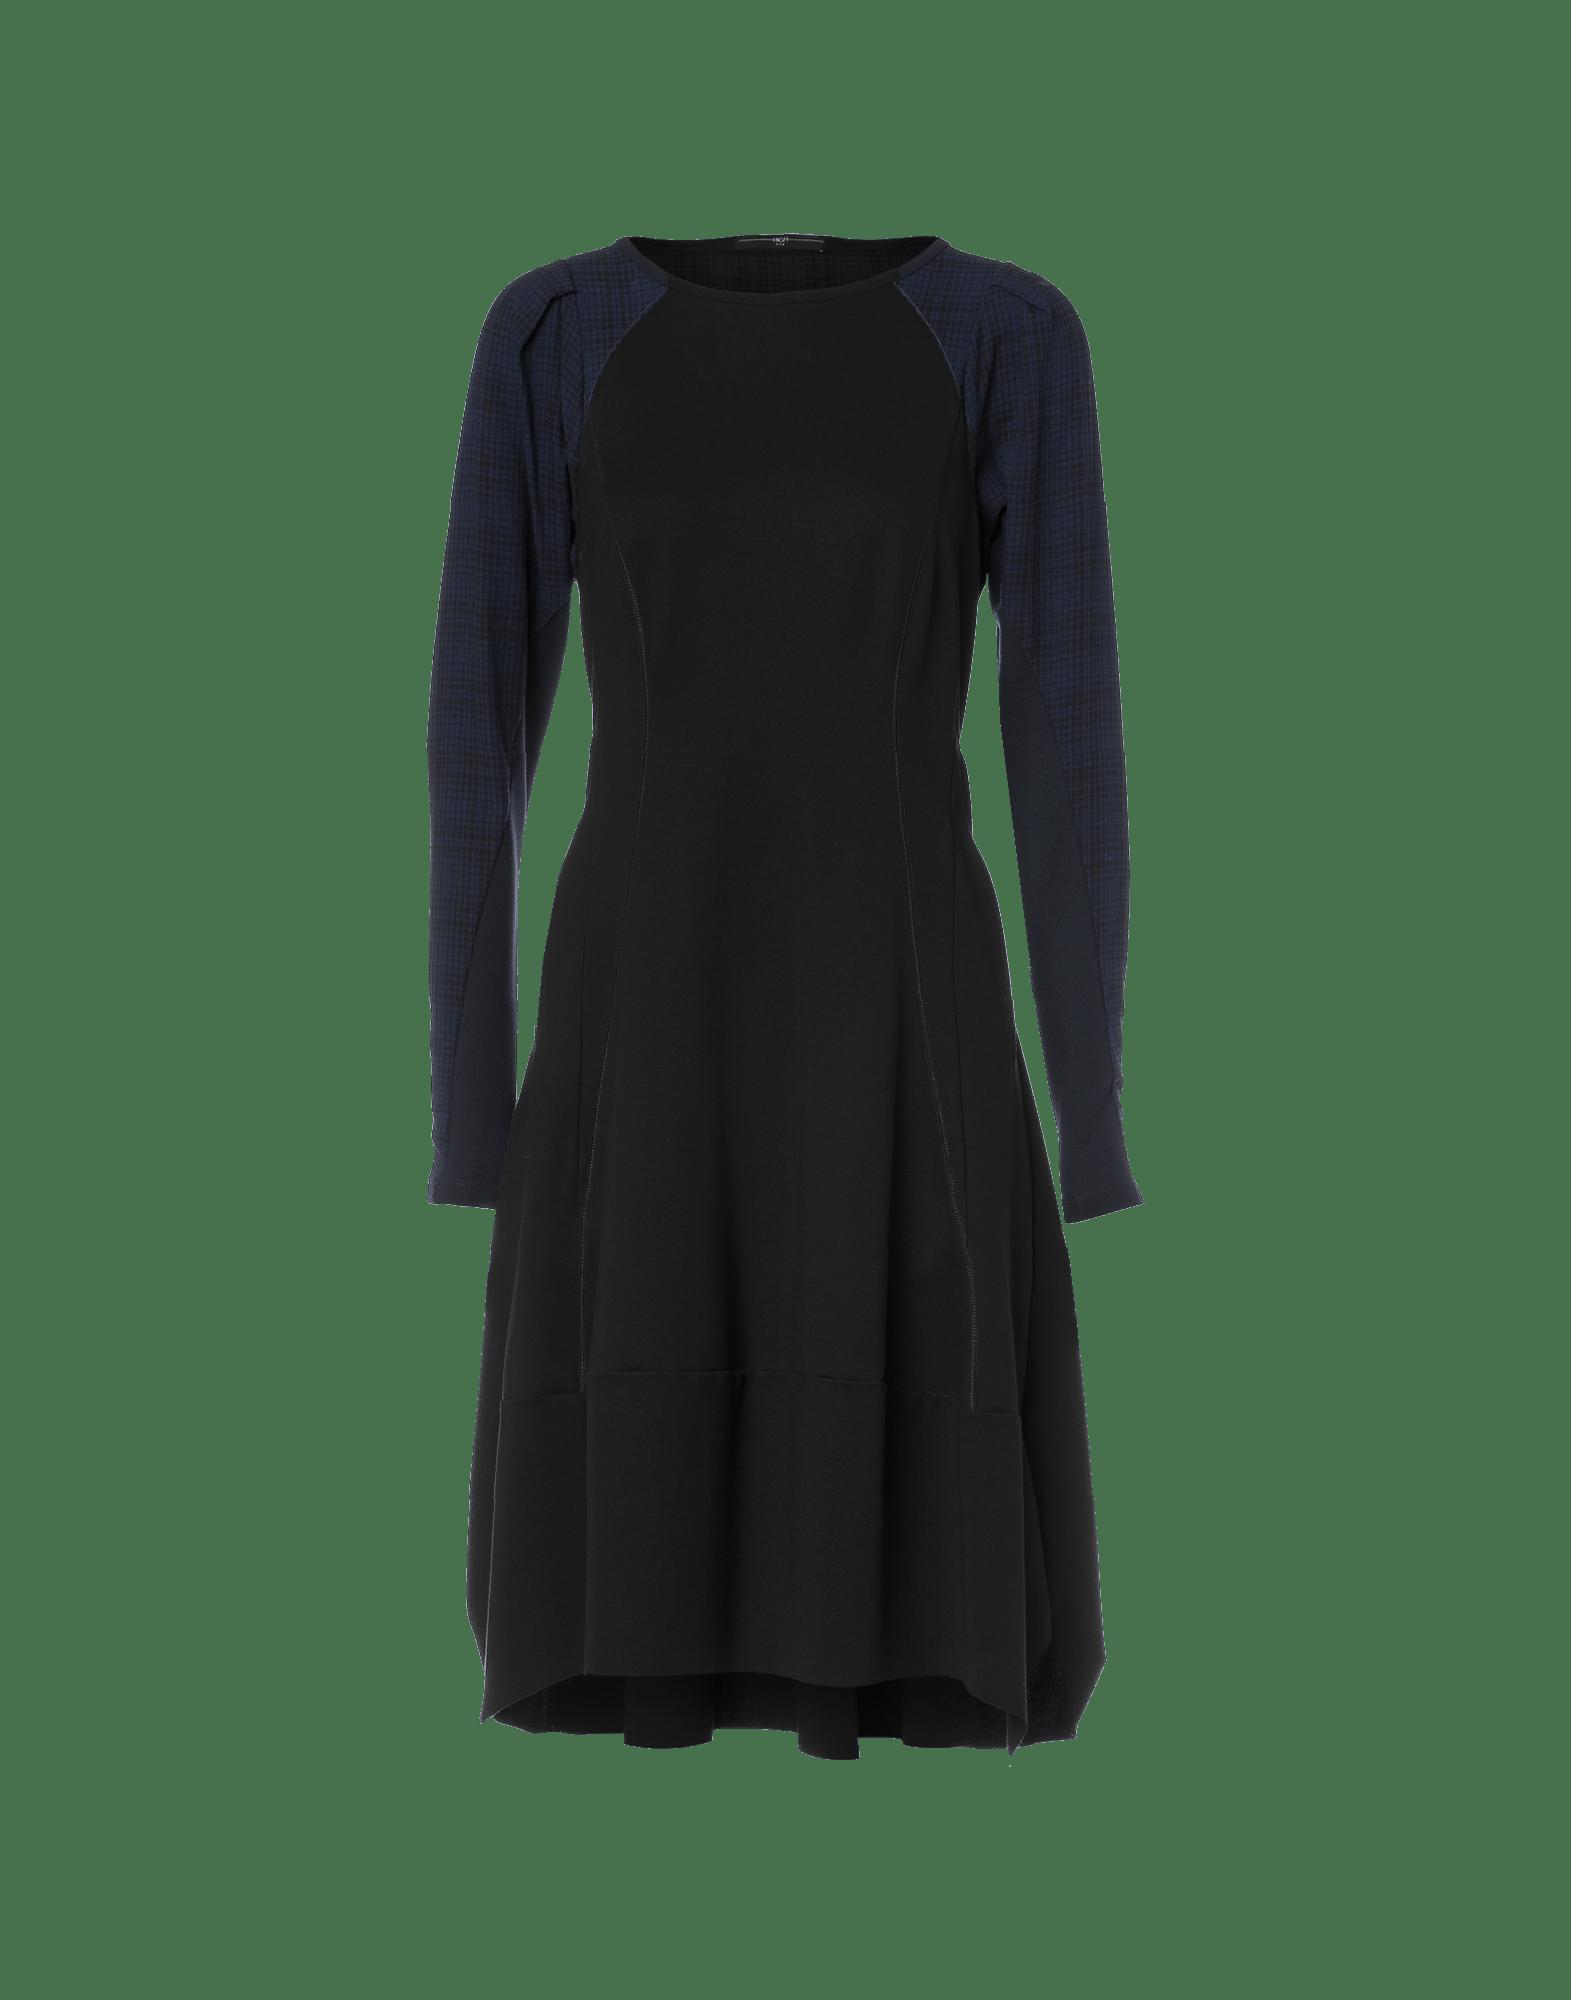 compulsive: schwarzes jerseykleid mit karierten Ärmeln